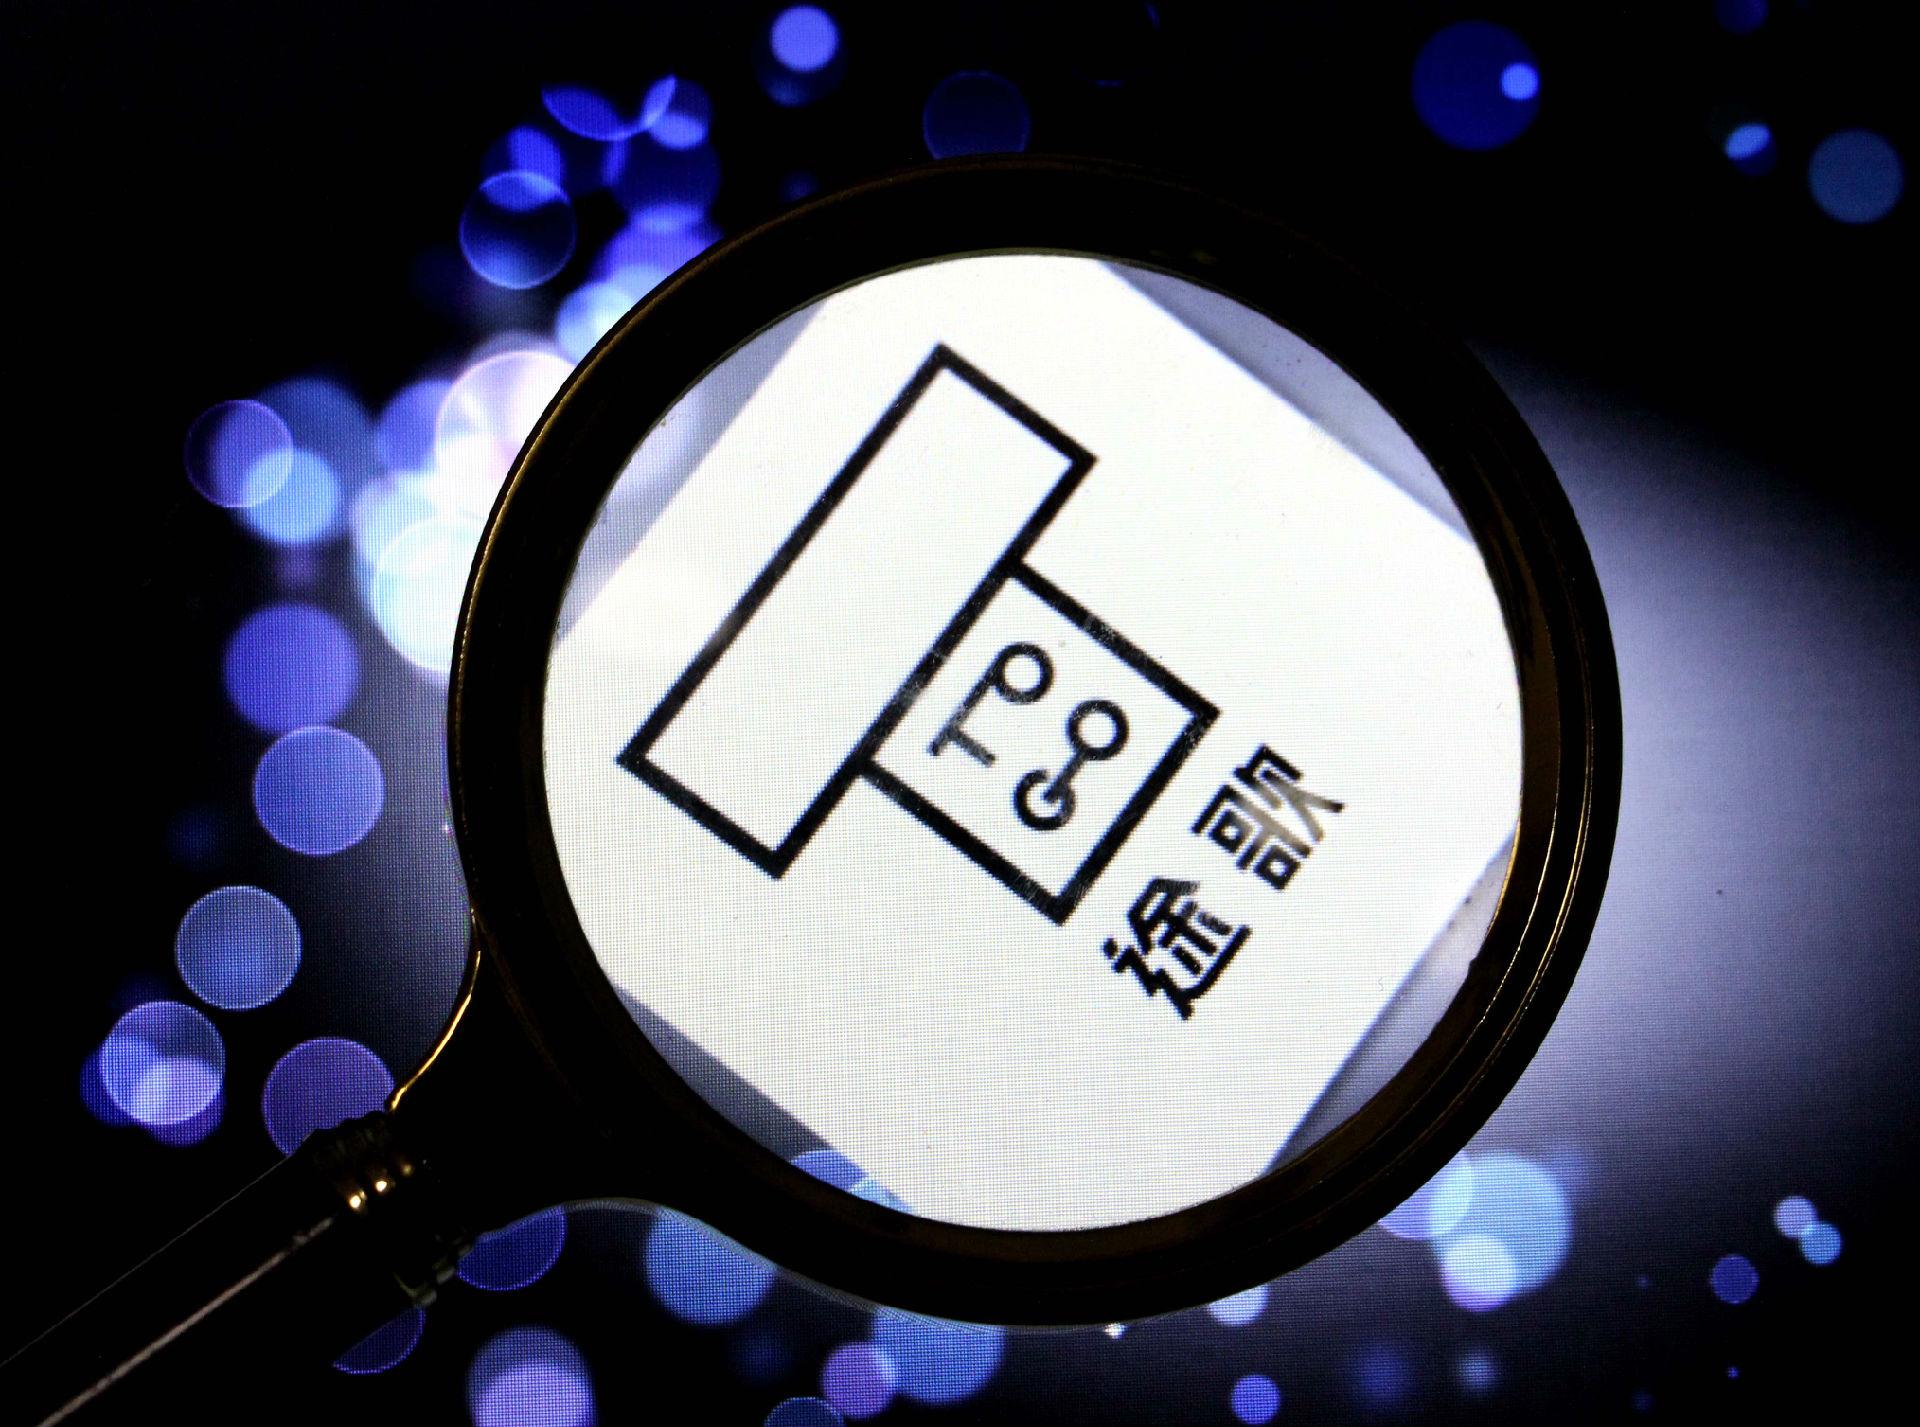 途歌创始人王利峰卸任法人及董事长 公司此前曾传拖欠押金